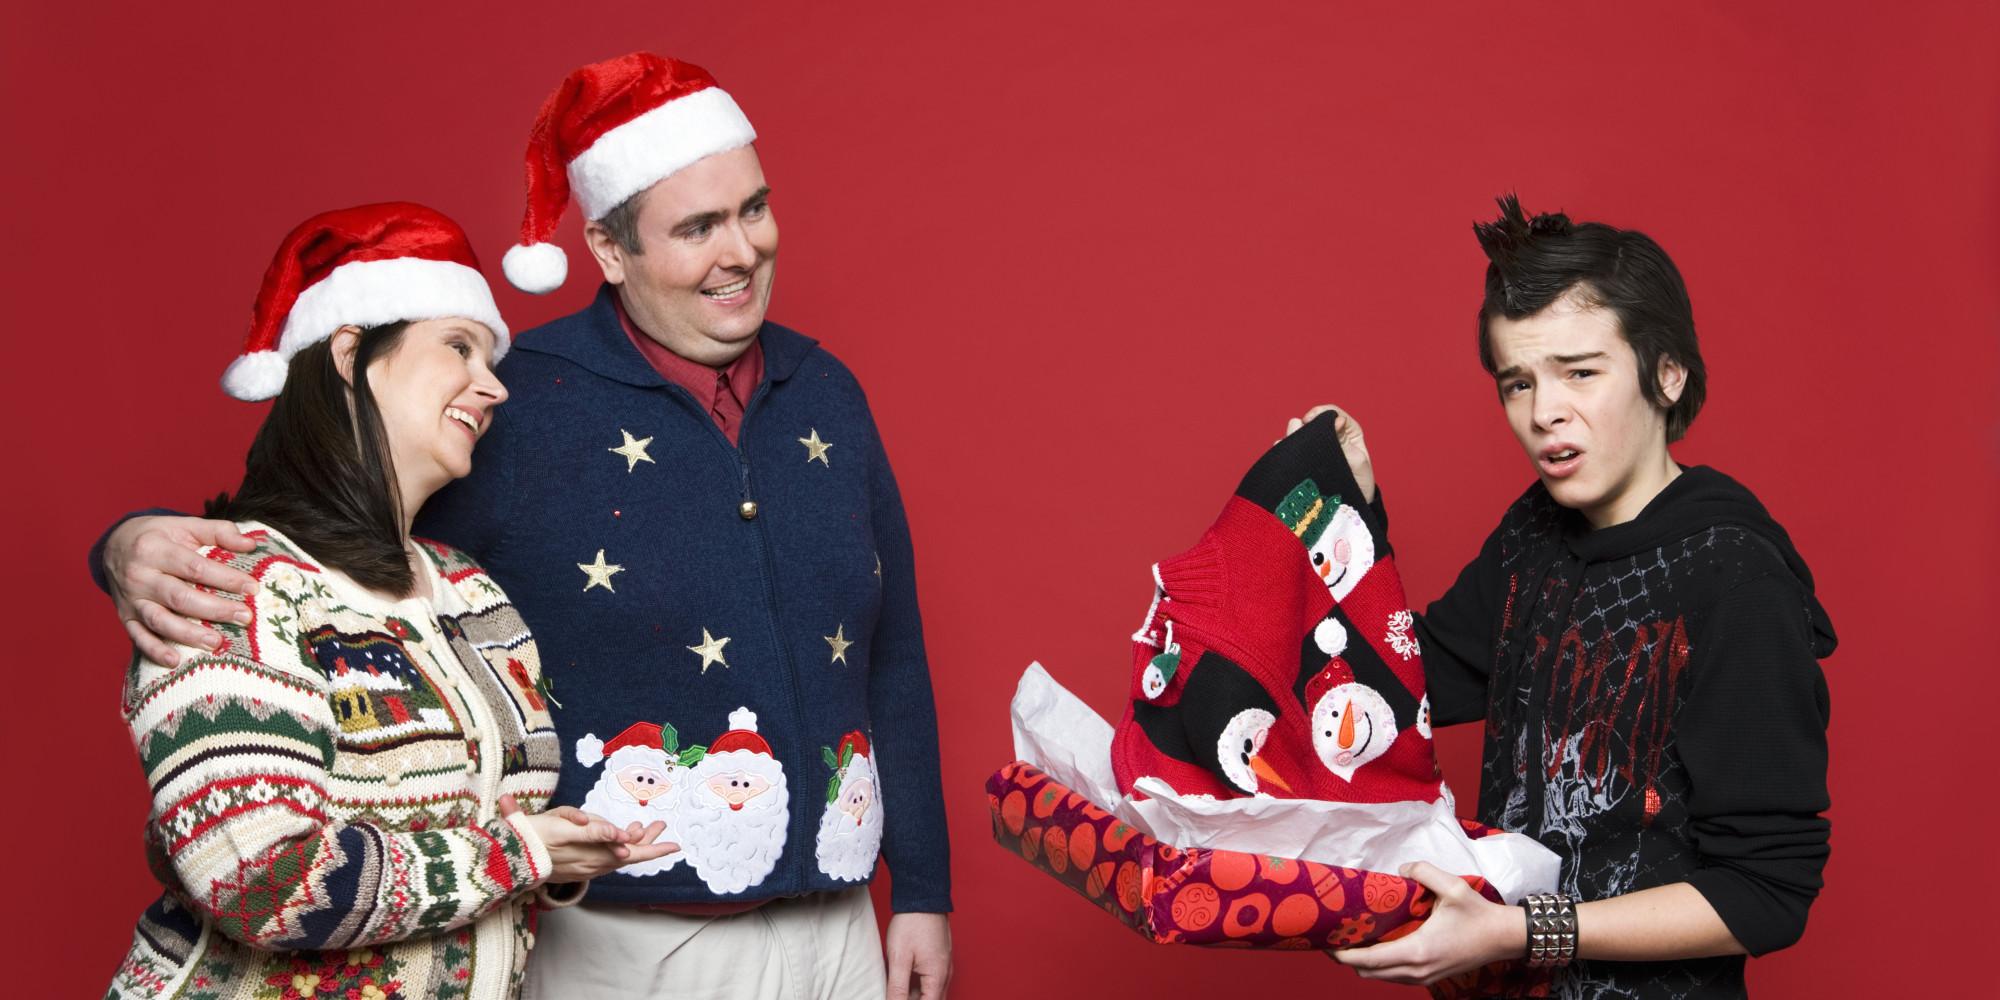 Bad Kids Christmas Gifts